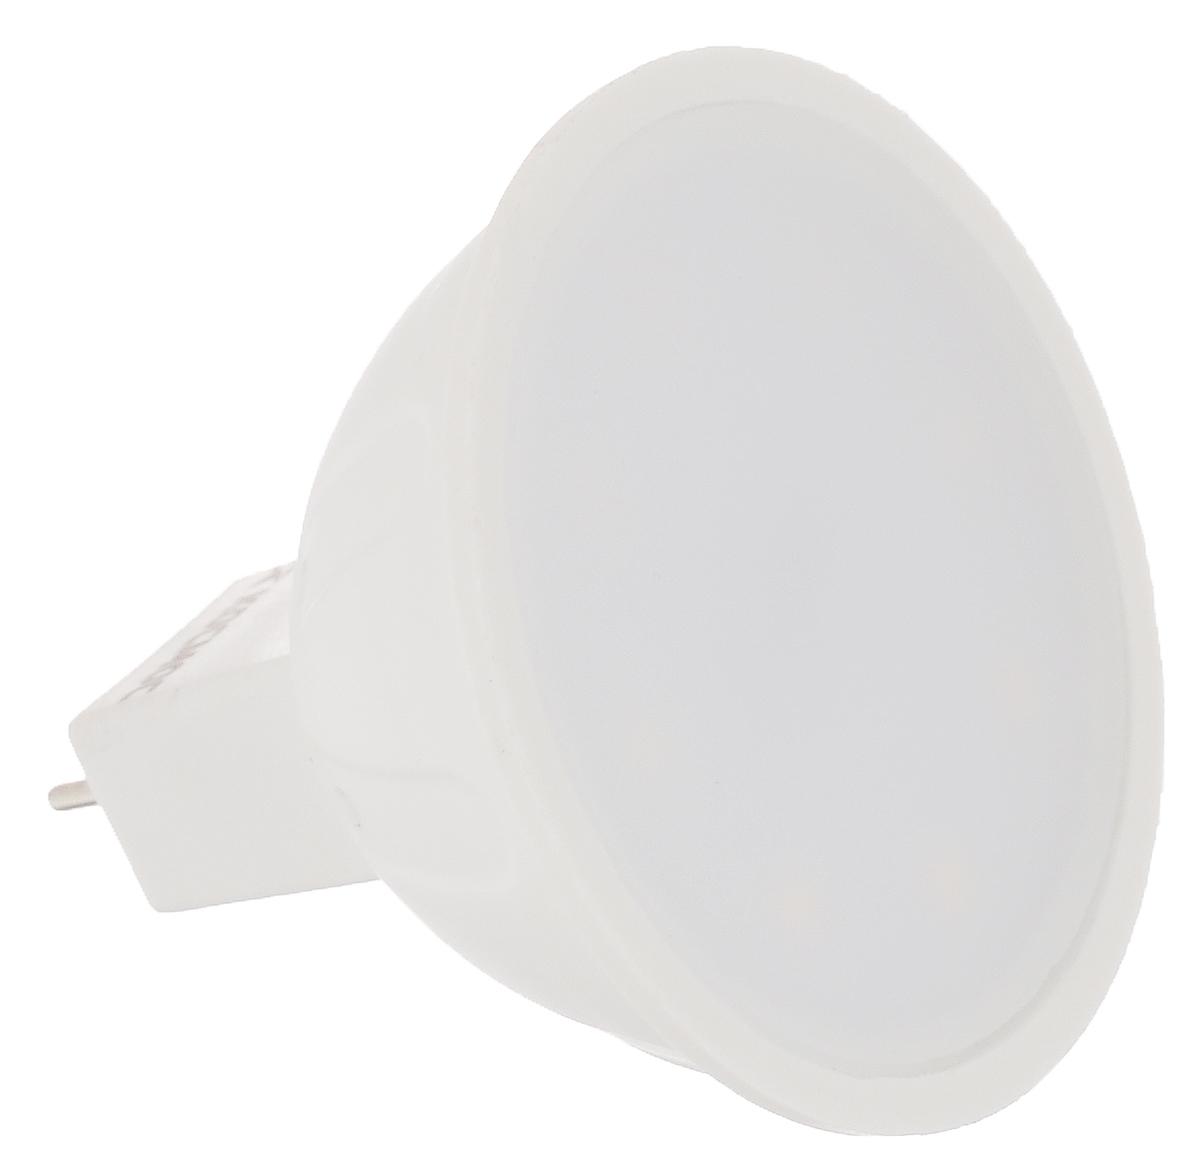 Светодиодная лампа Kosmos, белый свет, цоколь GU5.3, 5WC0027358Энергосберегающая лампа Kosmos - это инновационное решение, разработанное на основе новейших светодиодных технологий (LED) для эффективной замены любых видов галогенных или обыкновенных ламп накаливания во всех типах осветительных приборов. Она хорошо подойдет для создания рабочей атмосферыв производственных и общественных зданиях, спортивных и торговых залах, в офисах и учреждениях. Лампа не содержит ртути и других вредных веществ, экологически безопасна и не требует утилизации, не выделяет при работе ультрафиолетовое и инфракрасное излучение. Исполнена в пластиковом корпусе. Оснащена рефлекторным рассеивателем.Напряжение: 220-240 В. Использовать при температуре: от -40° до +50°.